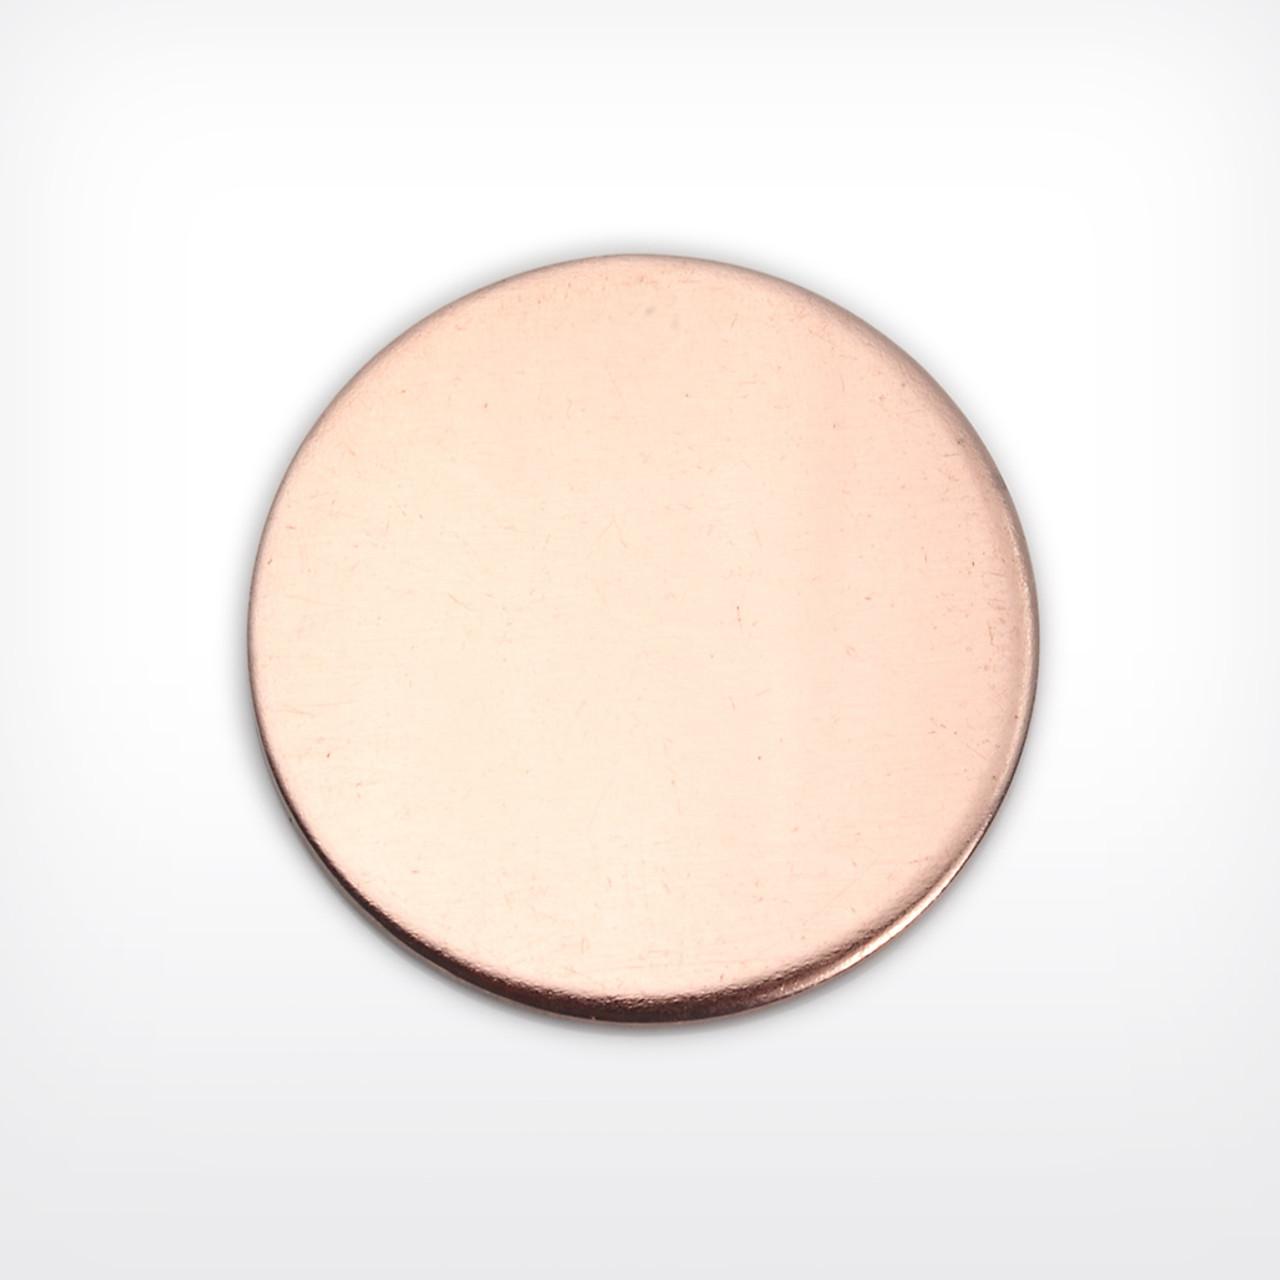 Copper Disc, 25.4mm (1 inch), heavy gauge - Pack of 10 (654-CU)